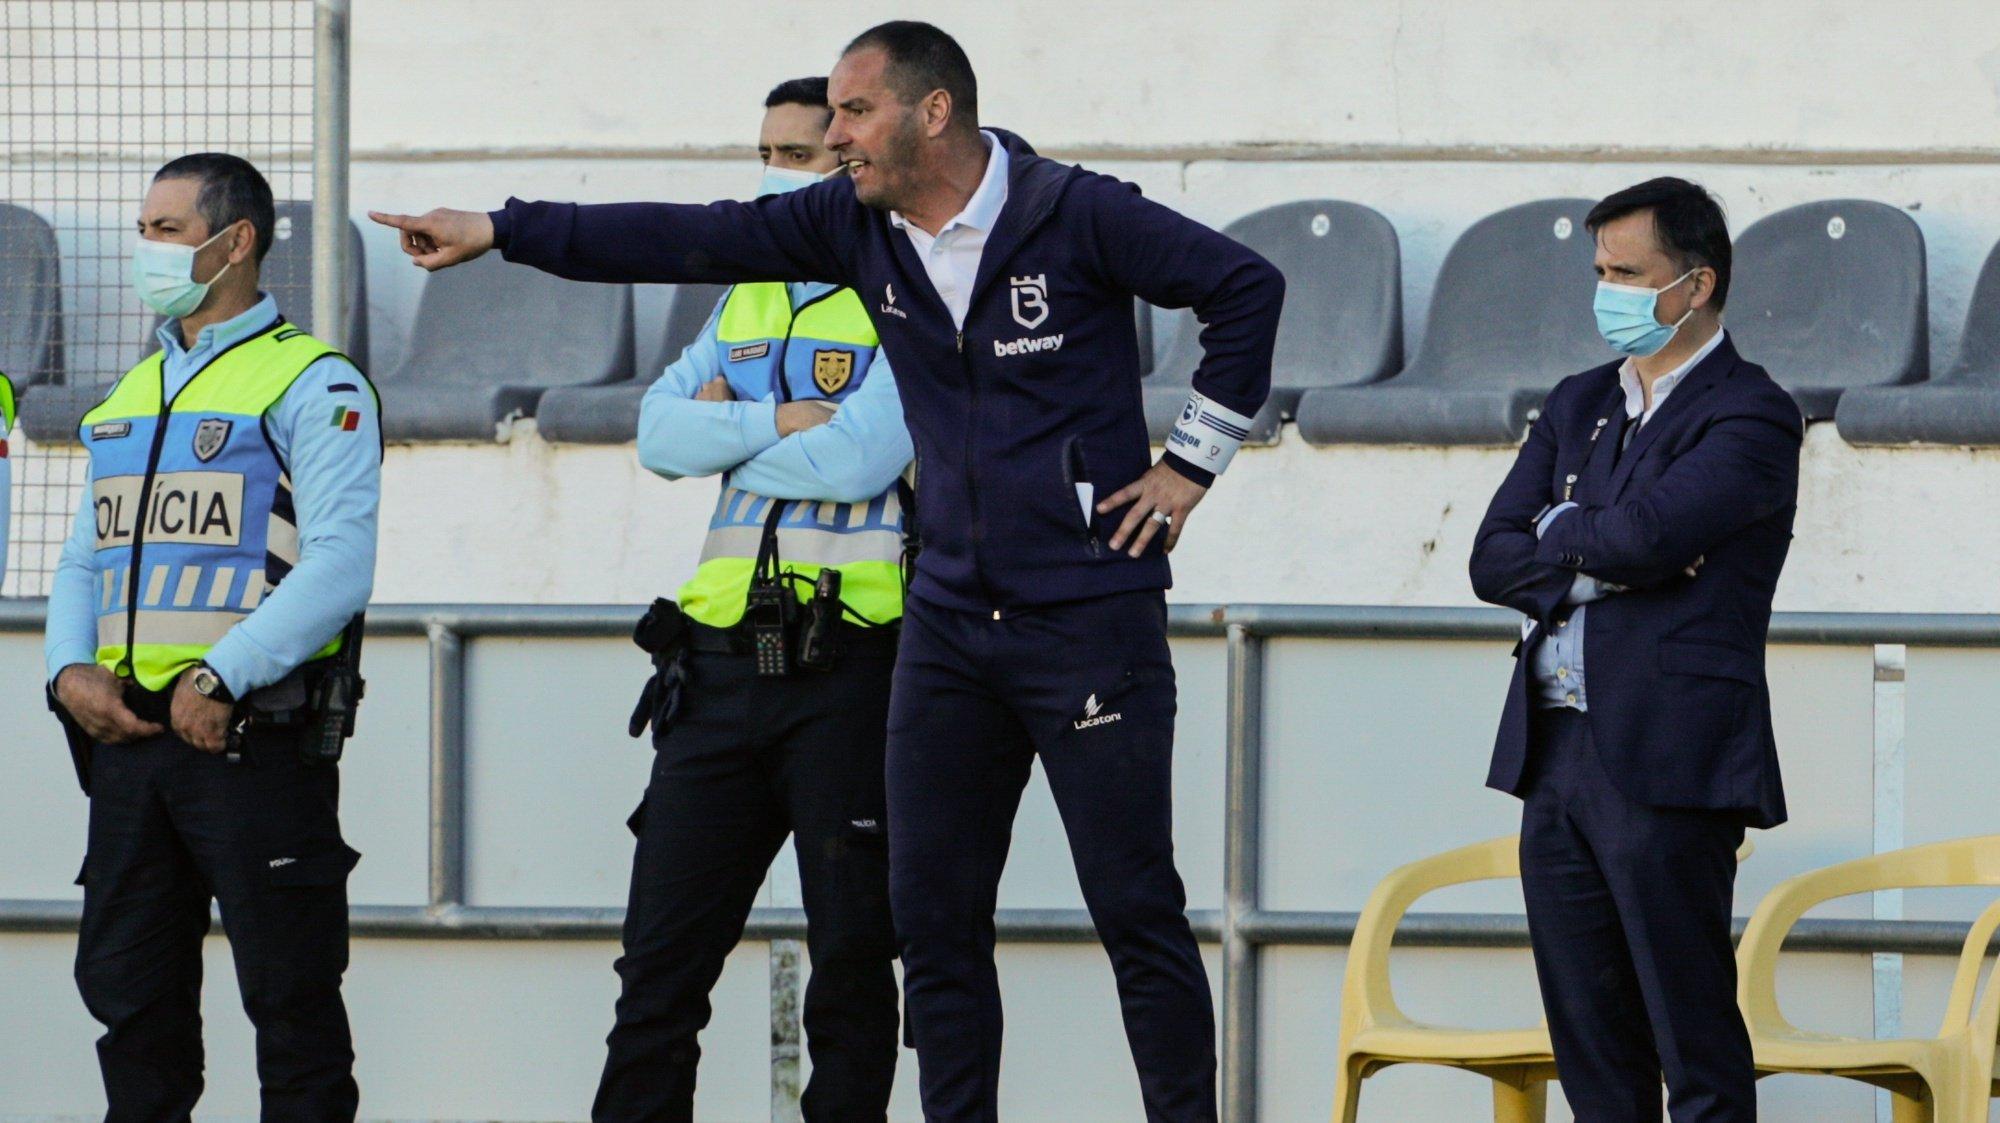 O treinador do Belenenses SAD, Petit, reage durante o jogo da Primeira Liga de Futebol contra o Farense realizado no Estádio de São Luís, em Faro, 13 de março de 2021. LUÍS FORRA/LUSA